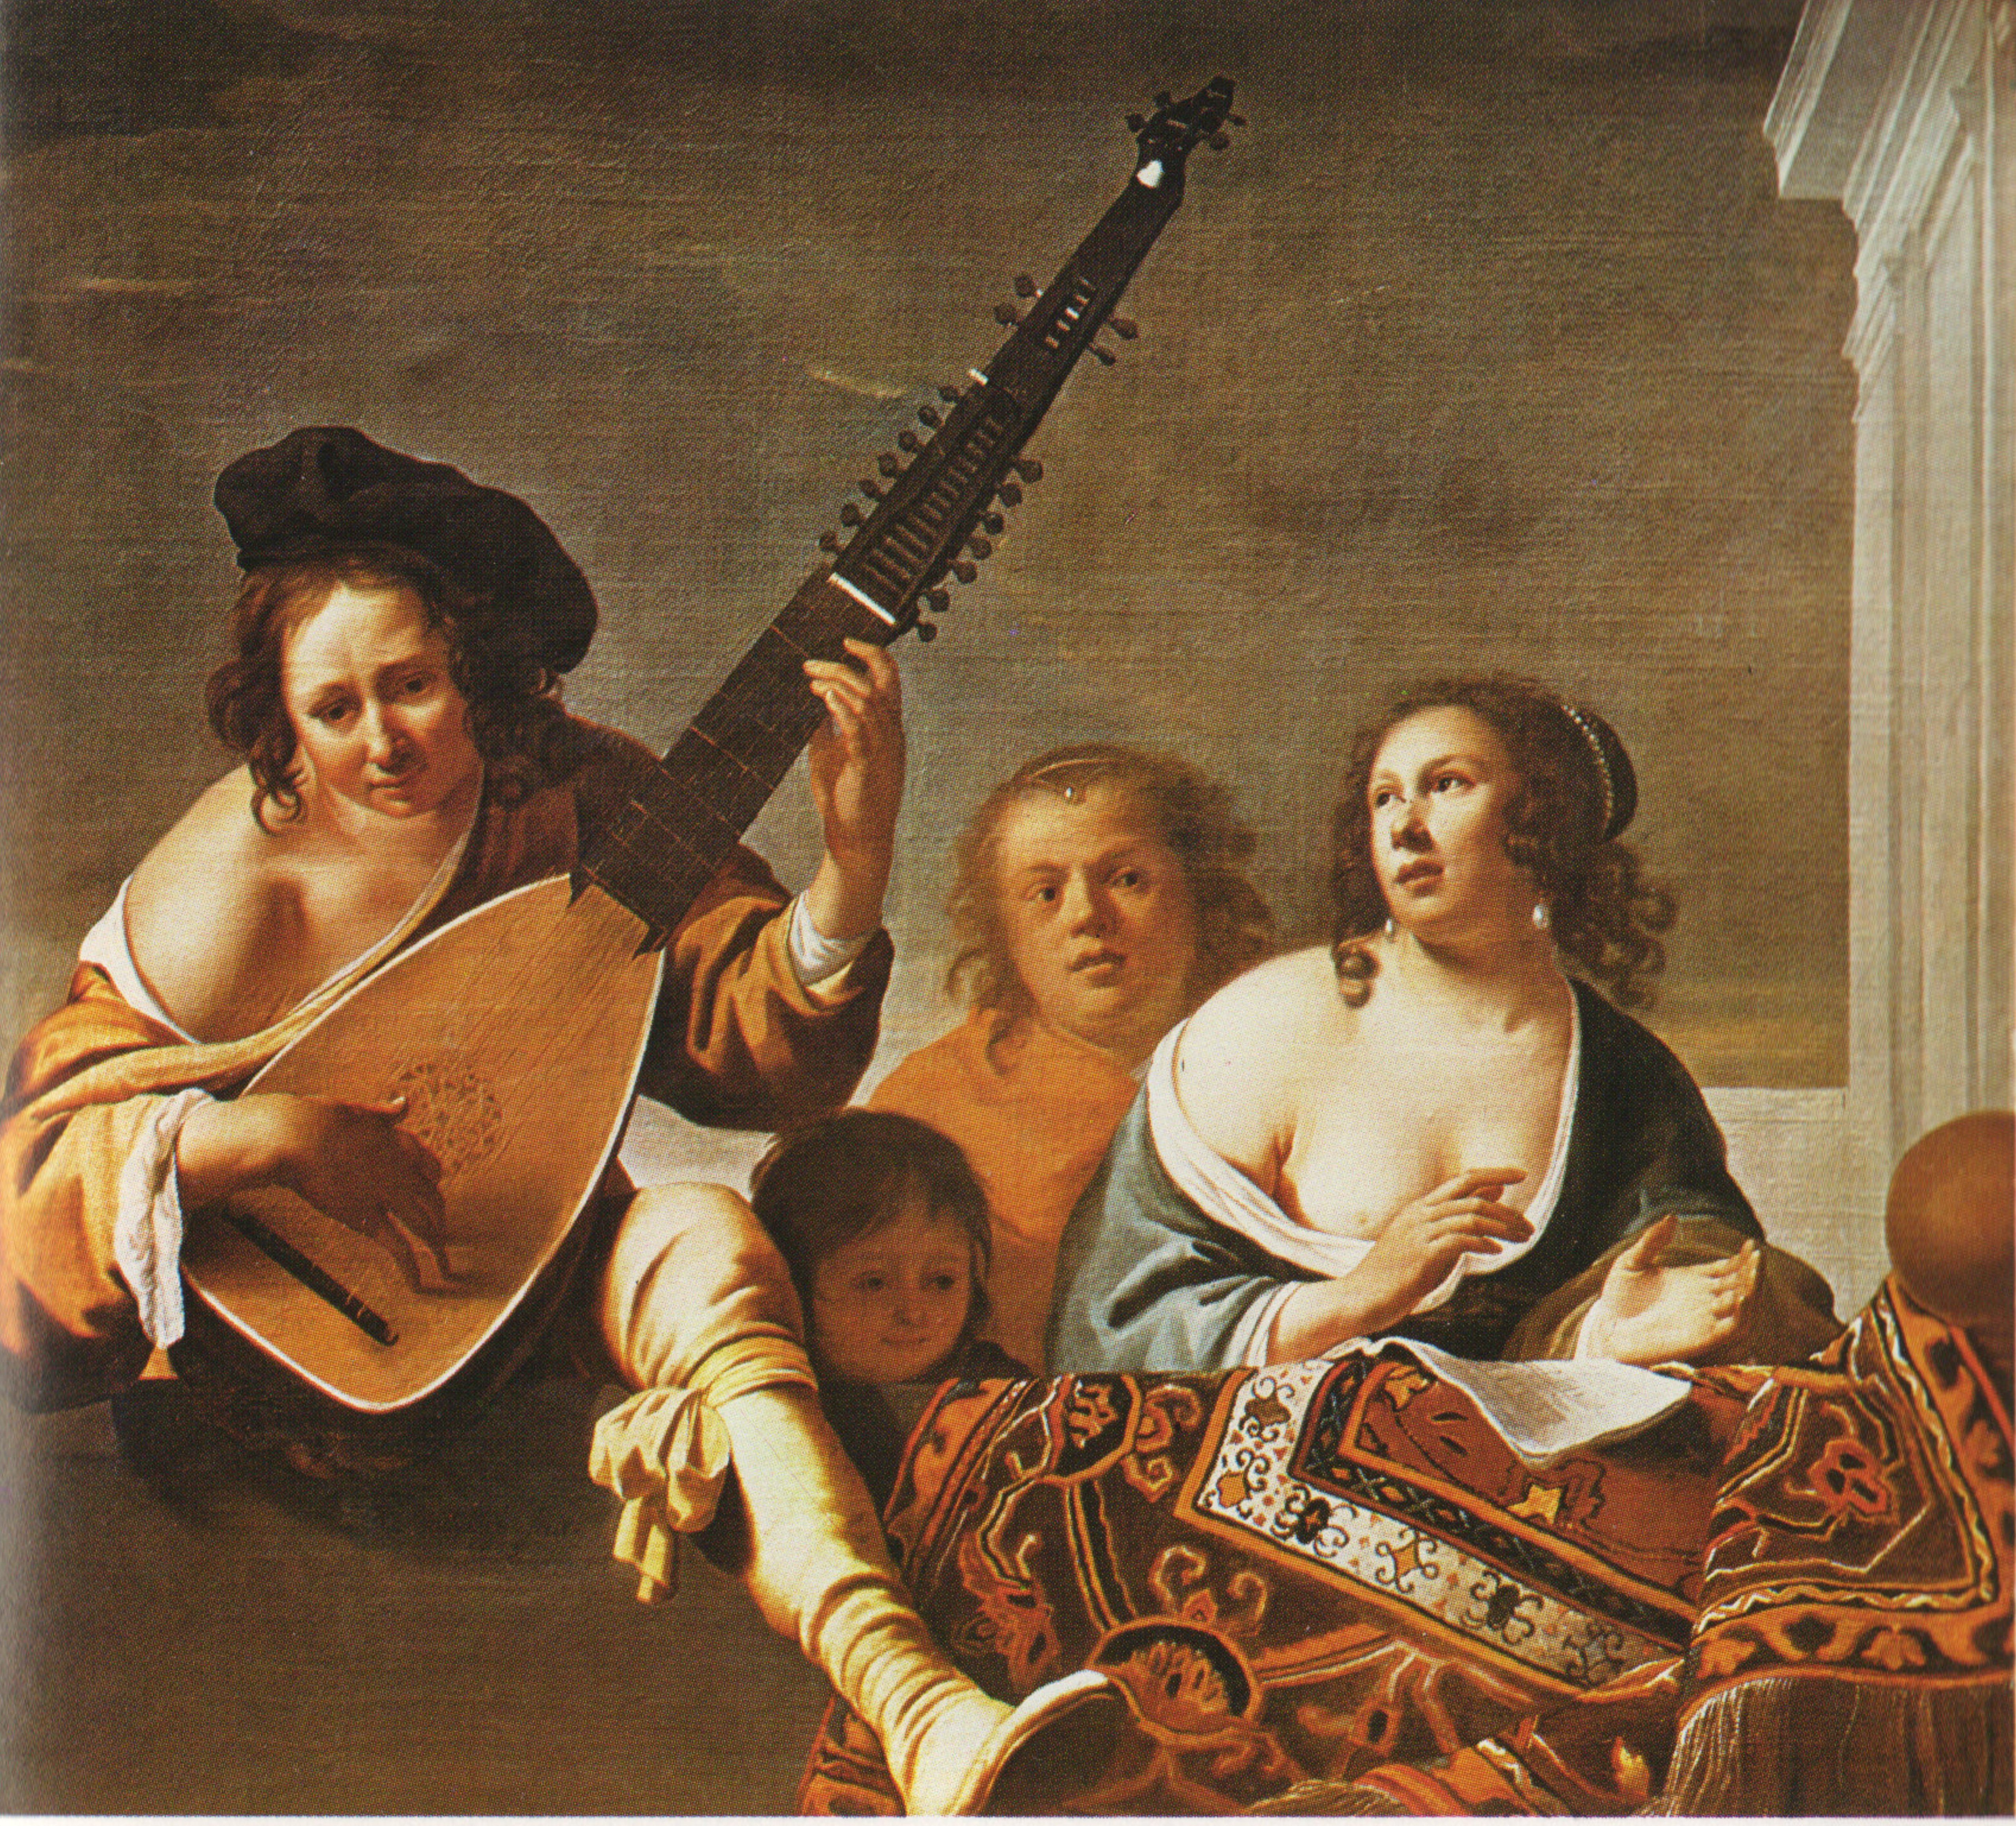 A_Concert_by_Jan_Gerritsz_van_Bronchrorst